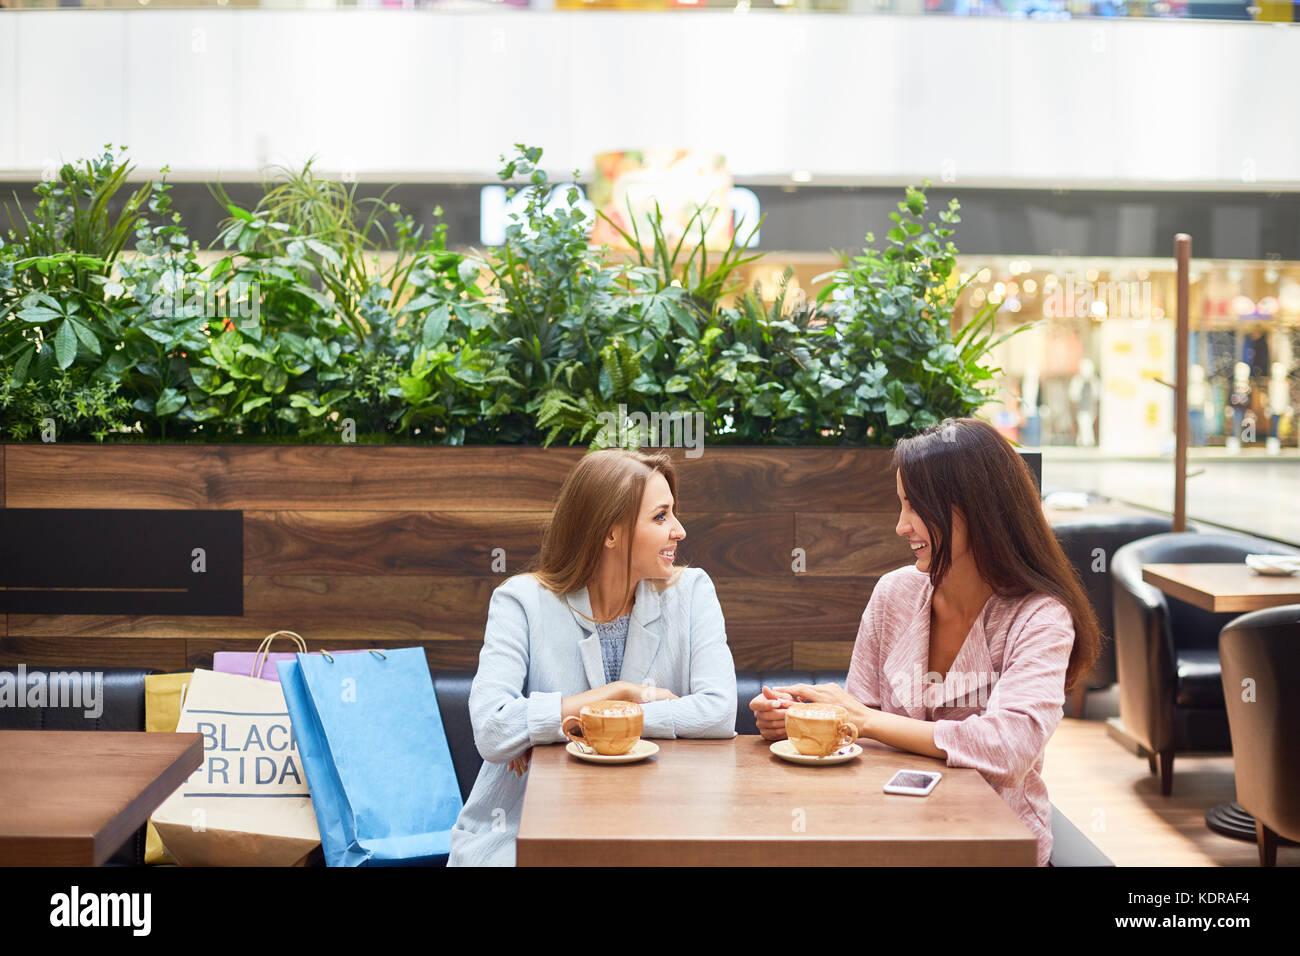 Les jeunes femmes en Shopping Centre Cafe Photo Stock